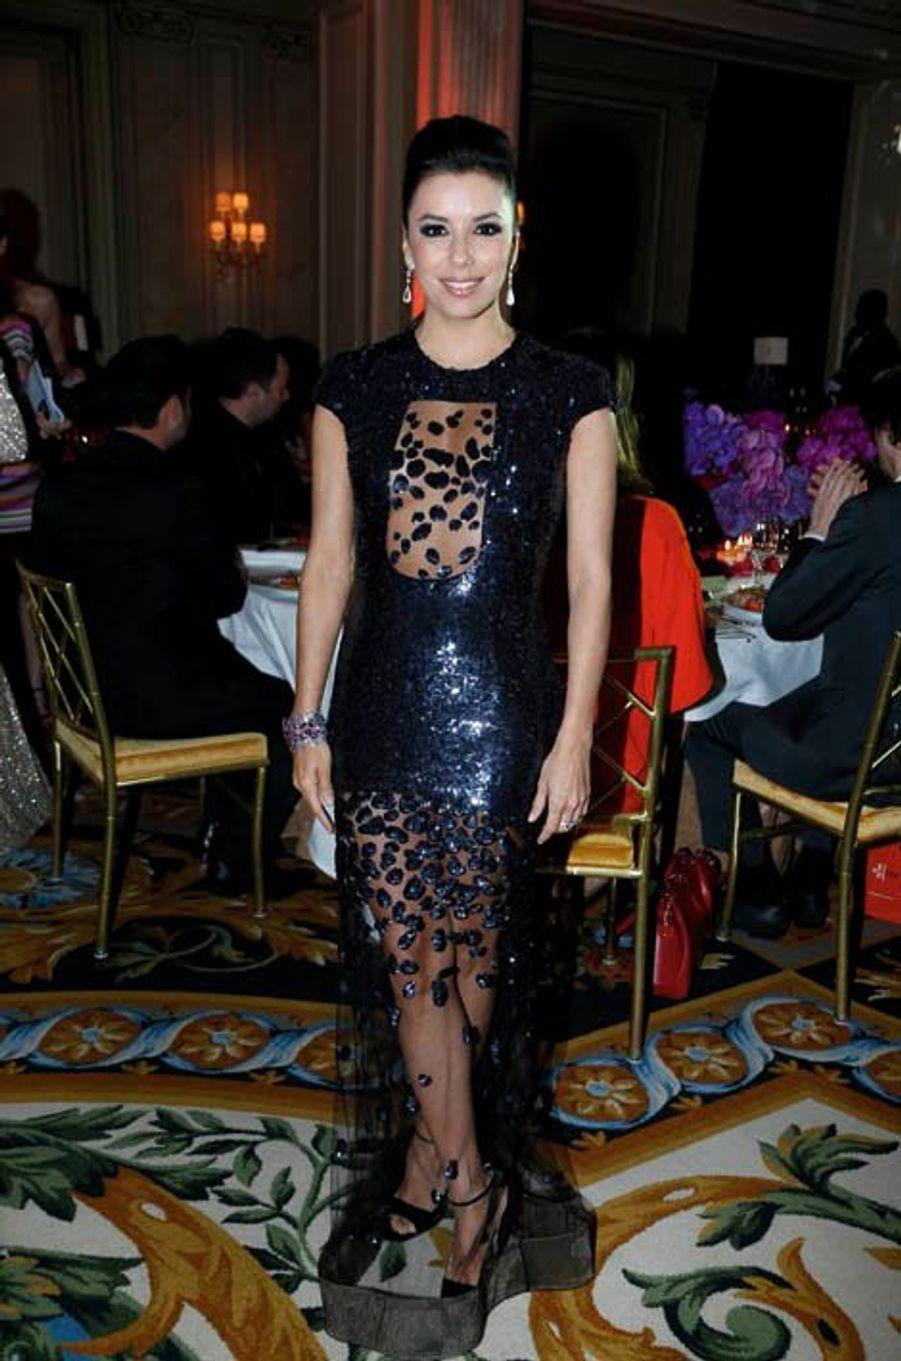 Egérie de L'Oréal, Eva Longoria, bijoutée Chopard, continue de se battre pour sa fondation.